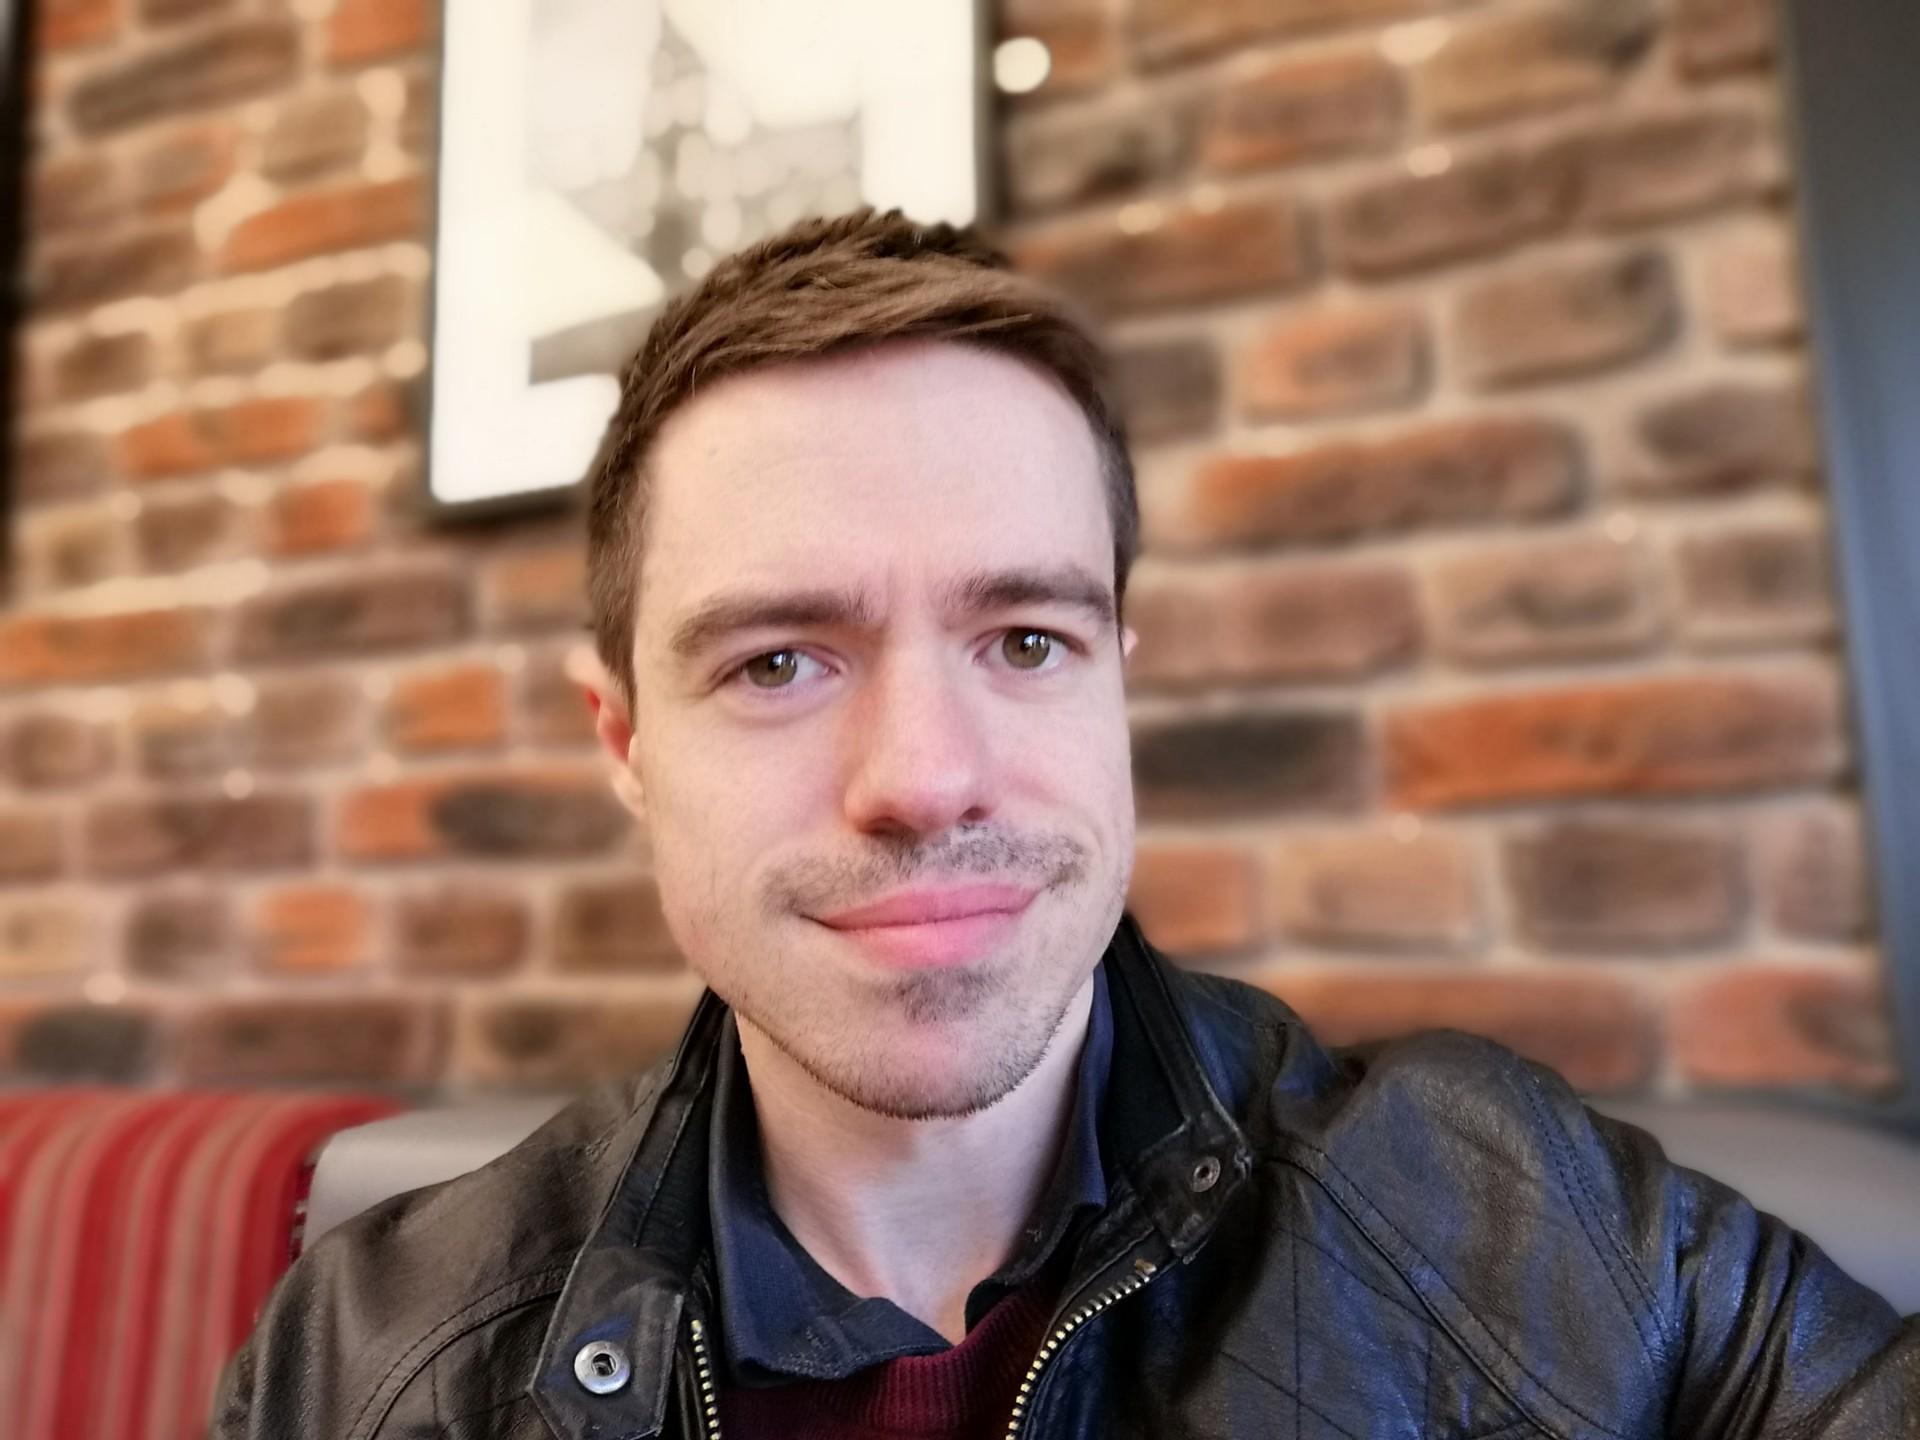 Huawei Mate 20 Lite Selfie Portrait Mode